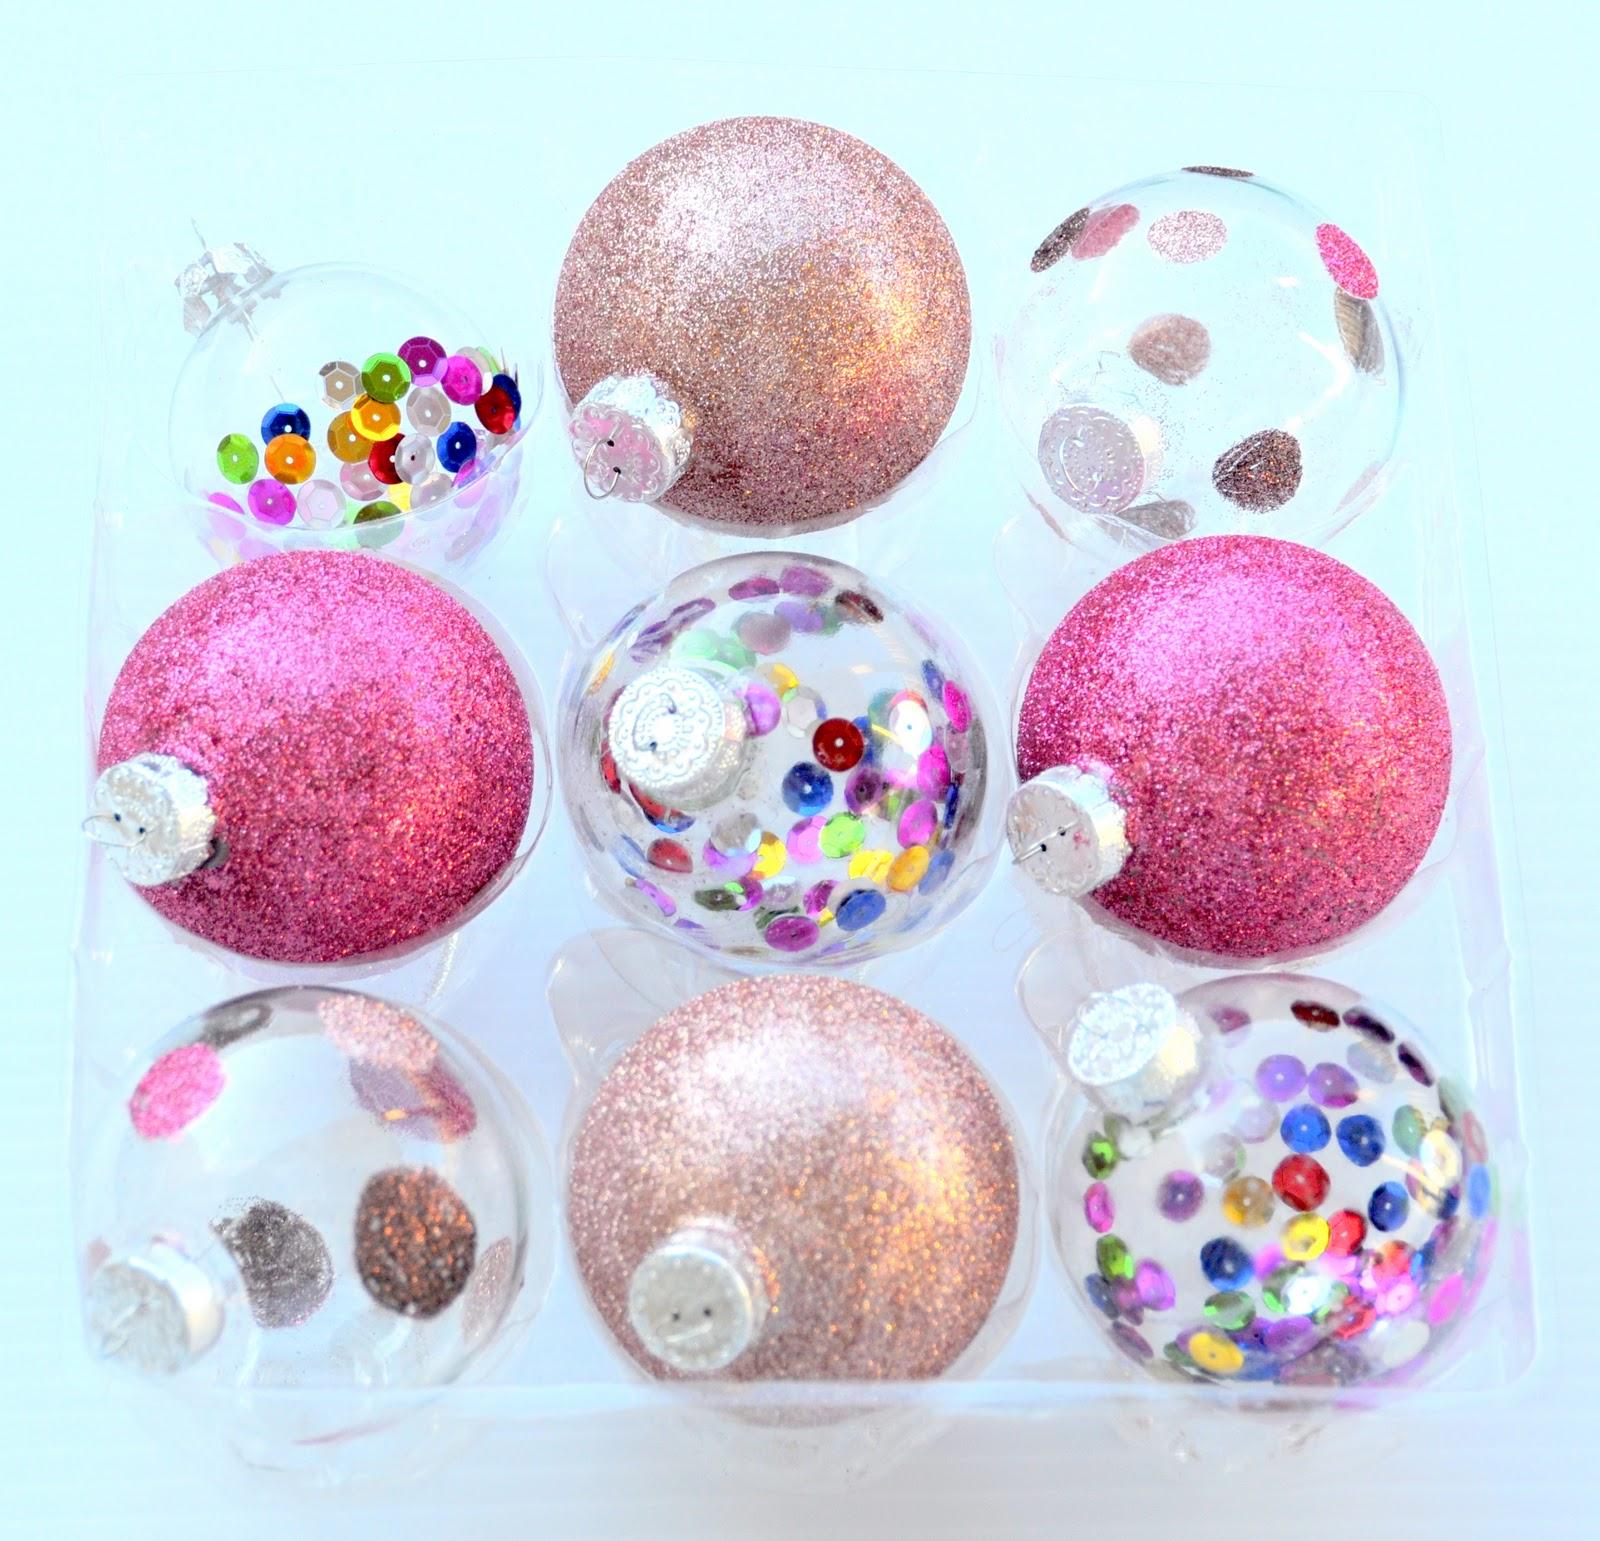 Deliciously Organized: Diy: Glitter & Sequin Ornaments